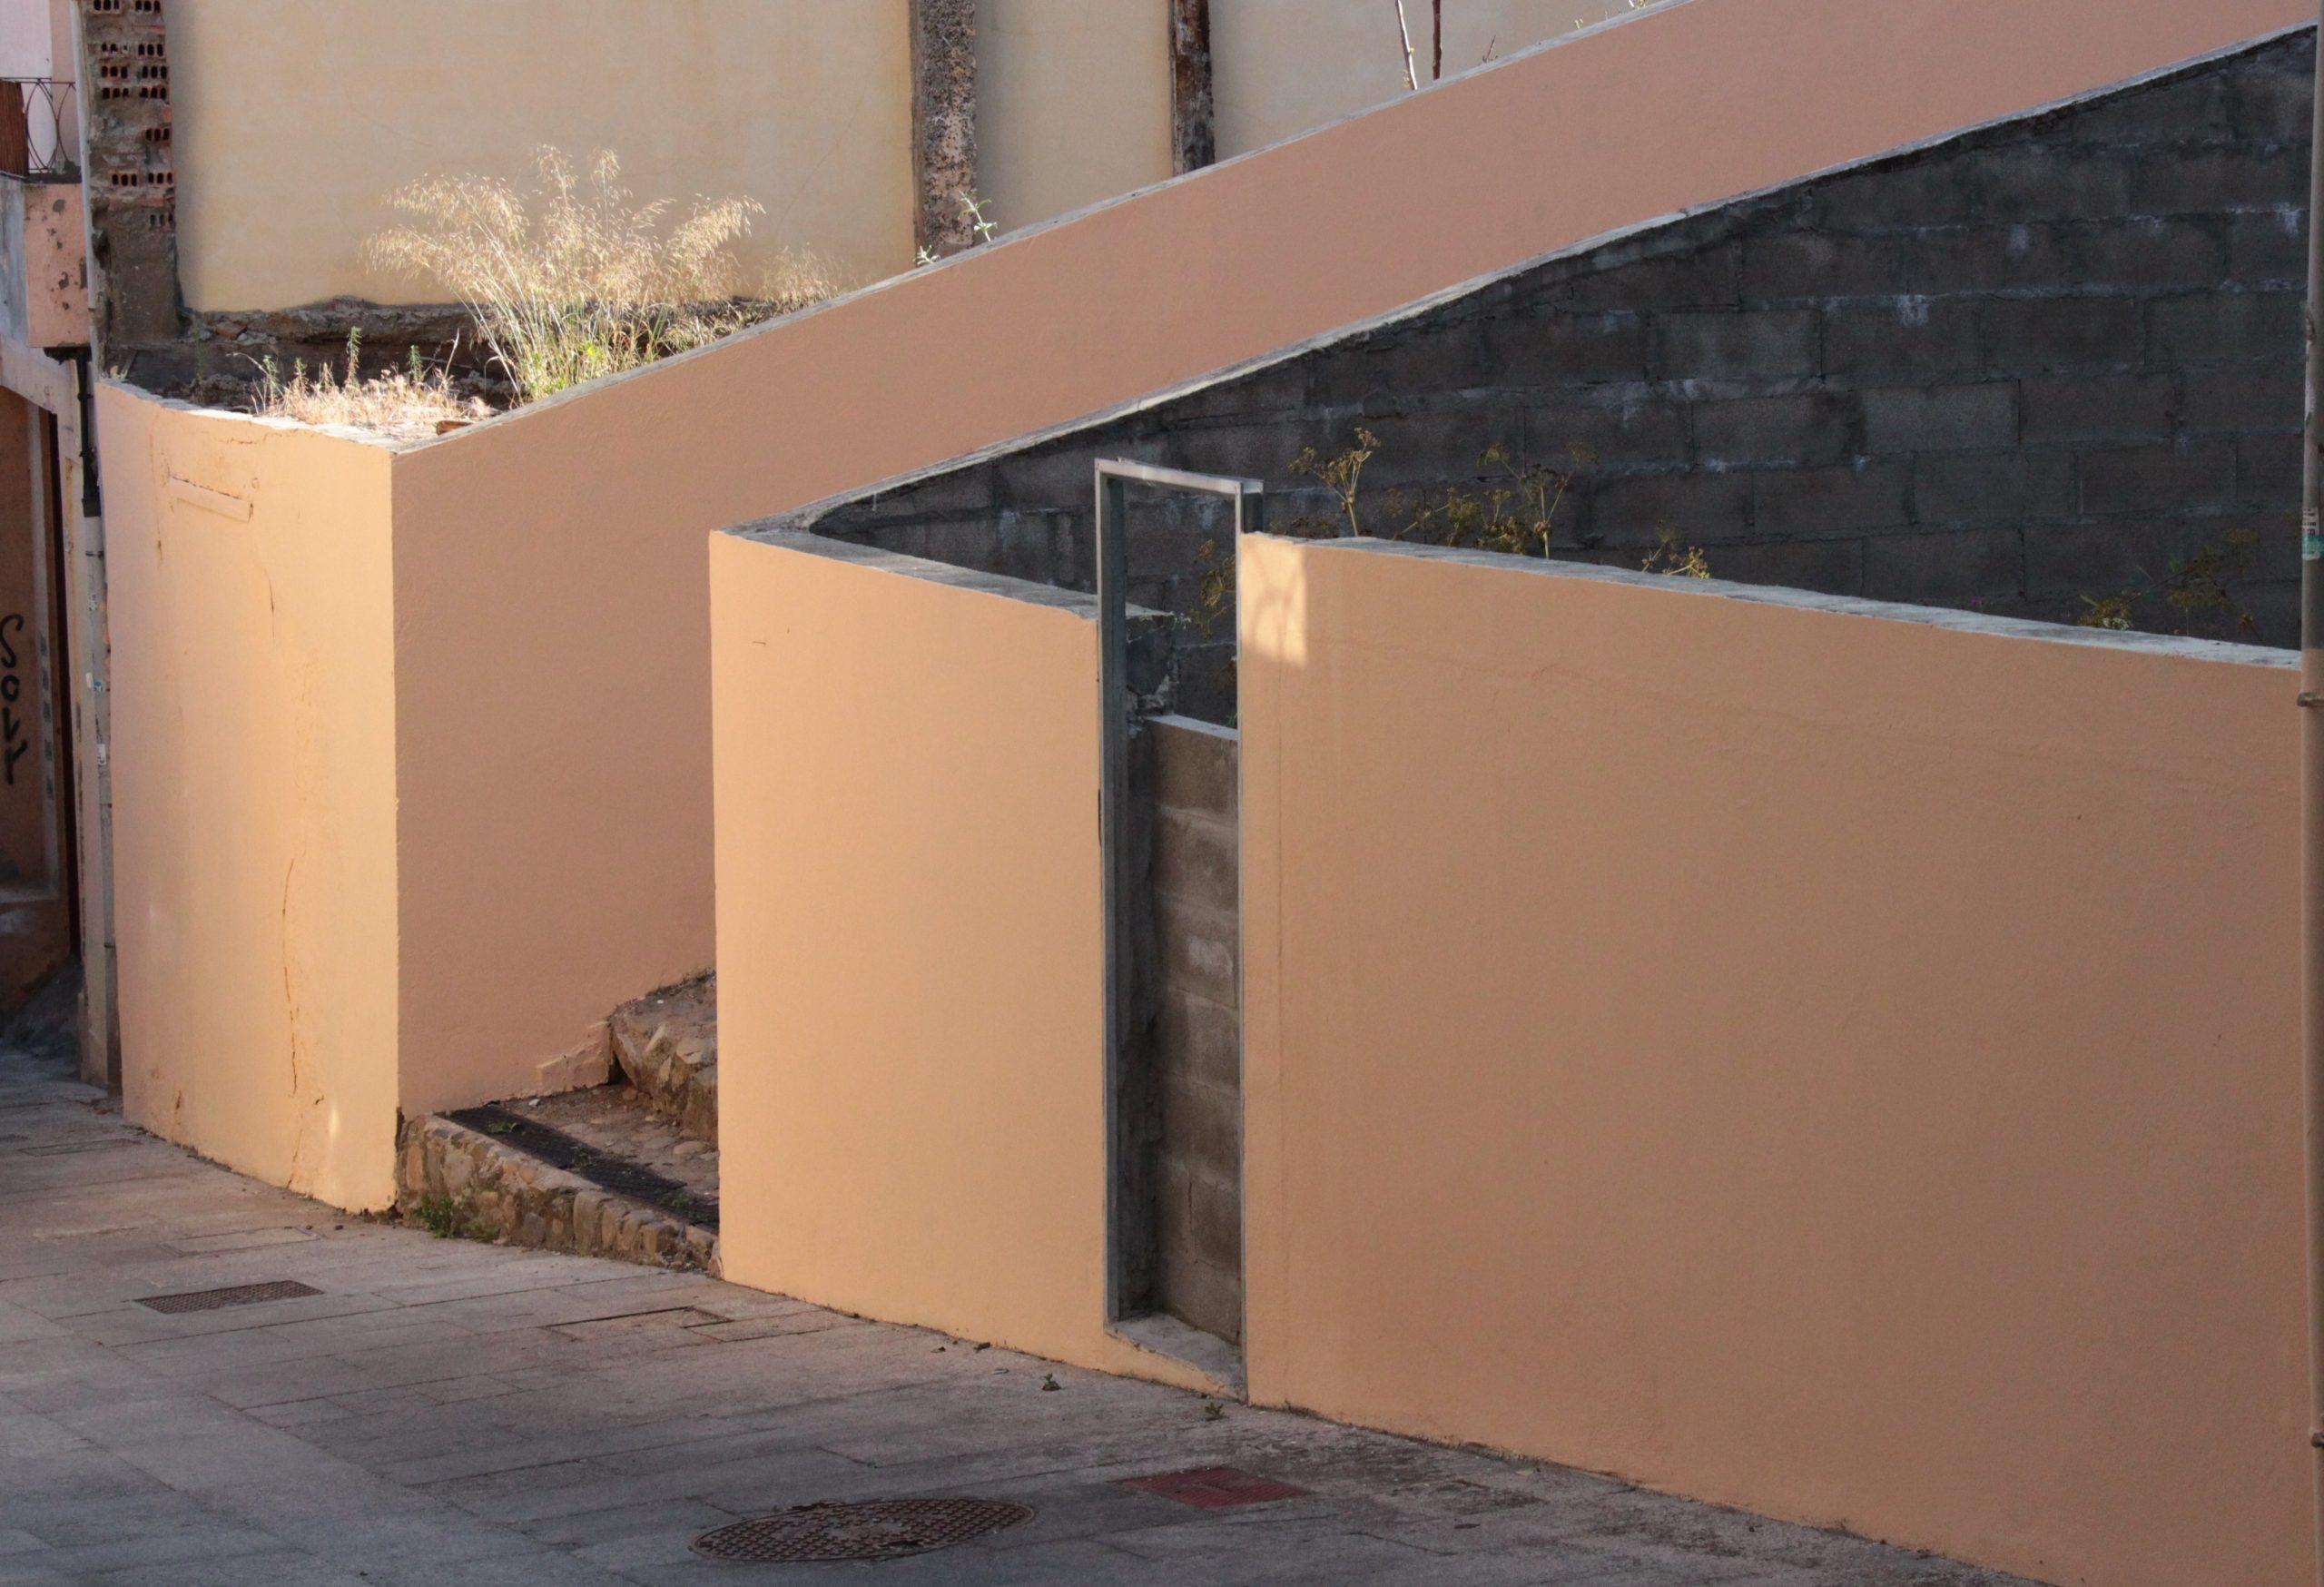 El Ayuntamiento comienza una campaña de eliminación de pintadas y grafitis en el Rañadero y el Casco Antiguo 3